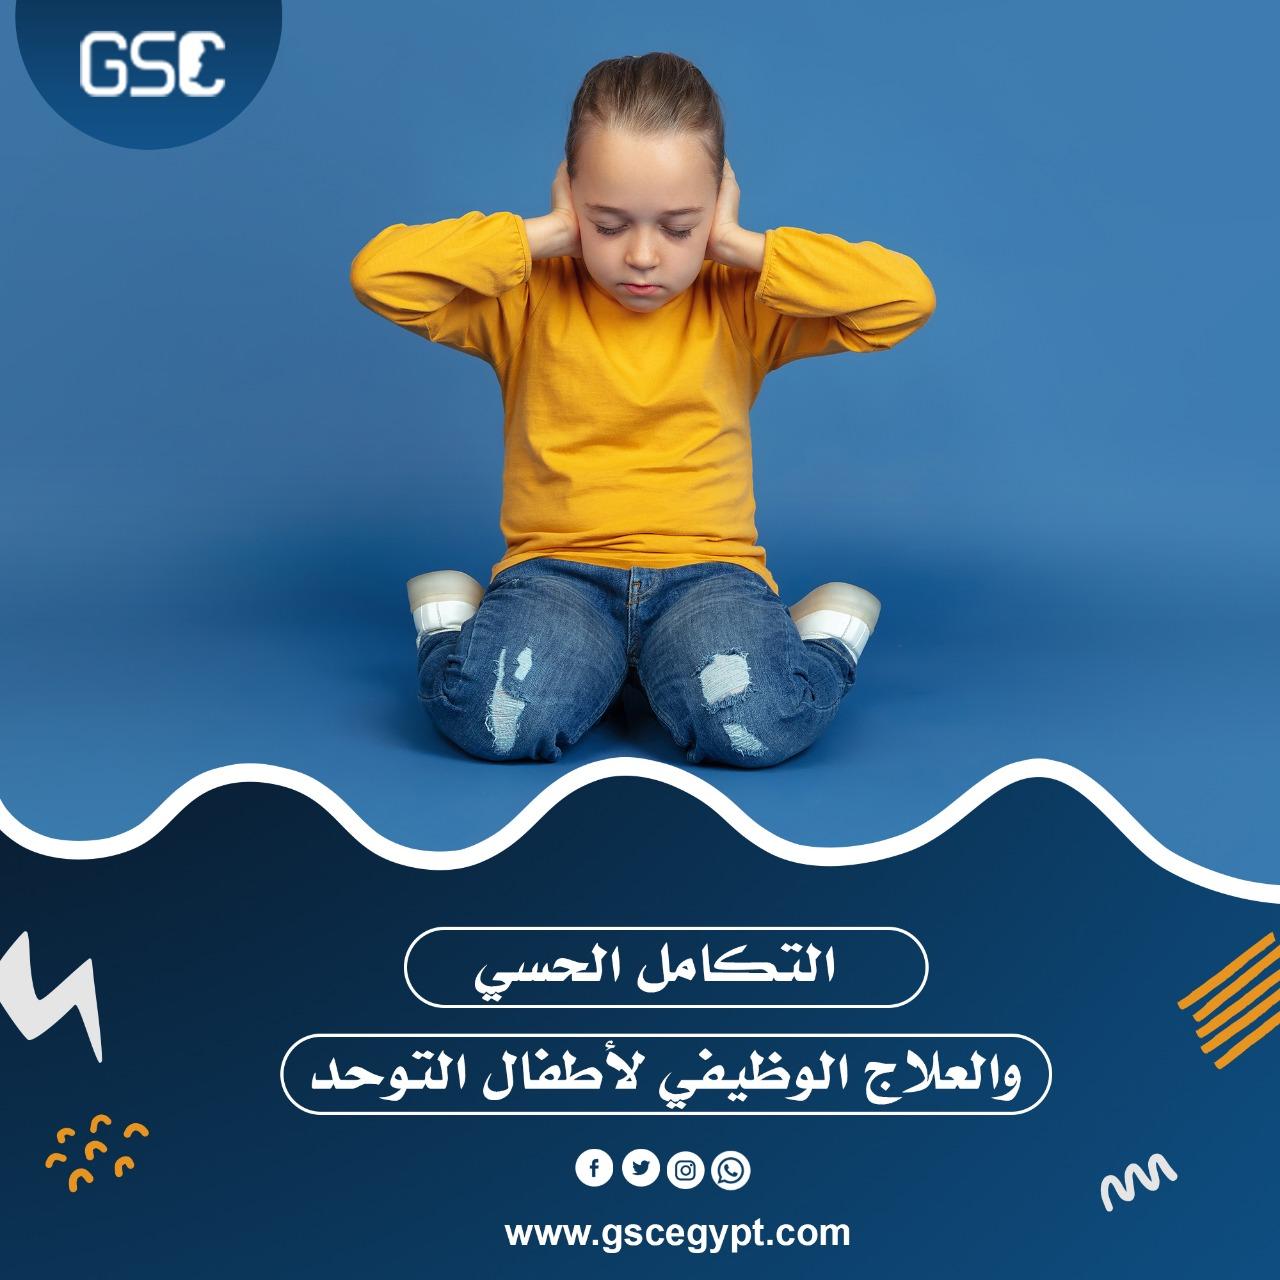 التكامل الحسى والعلاج الوظيفى لأطفال التوحد